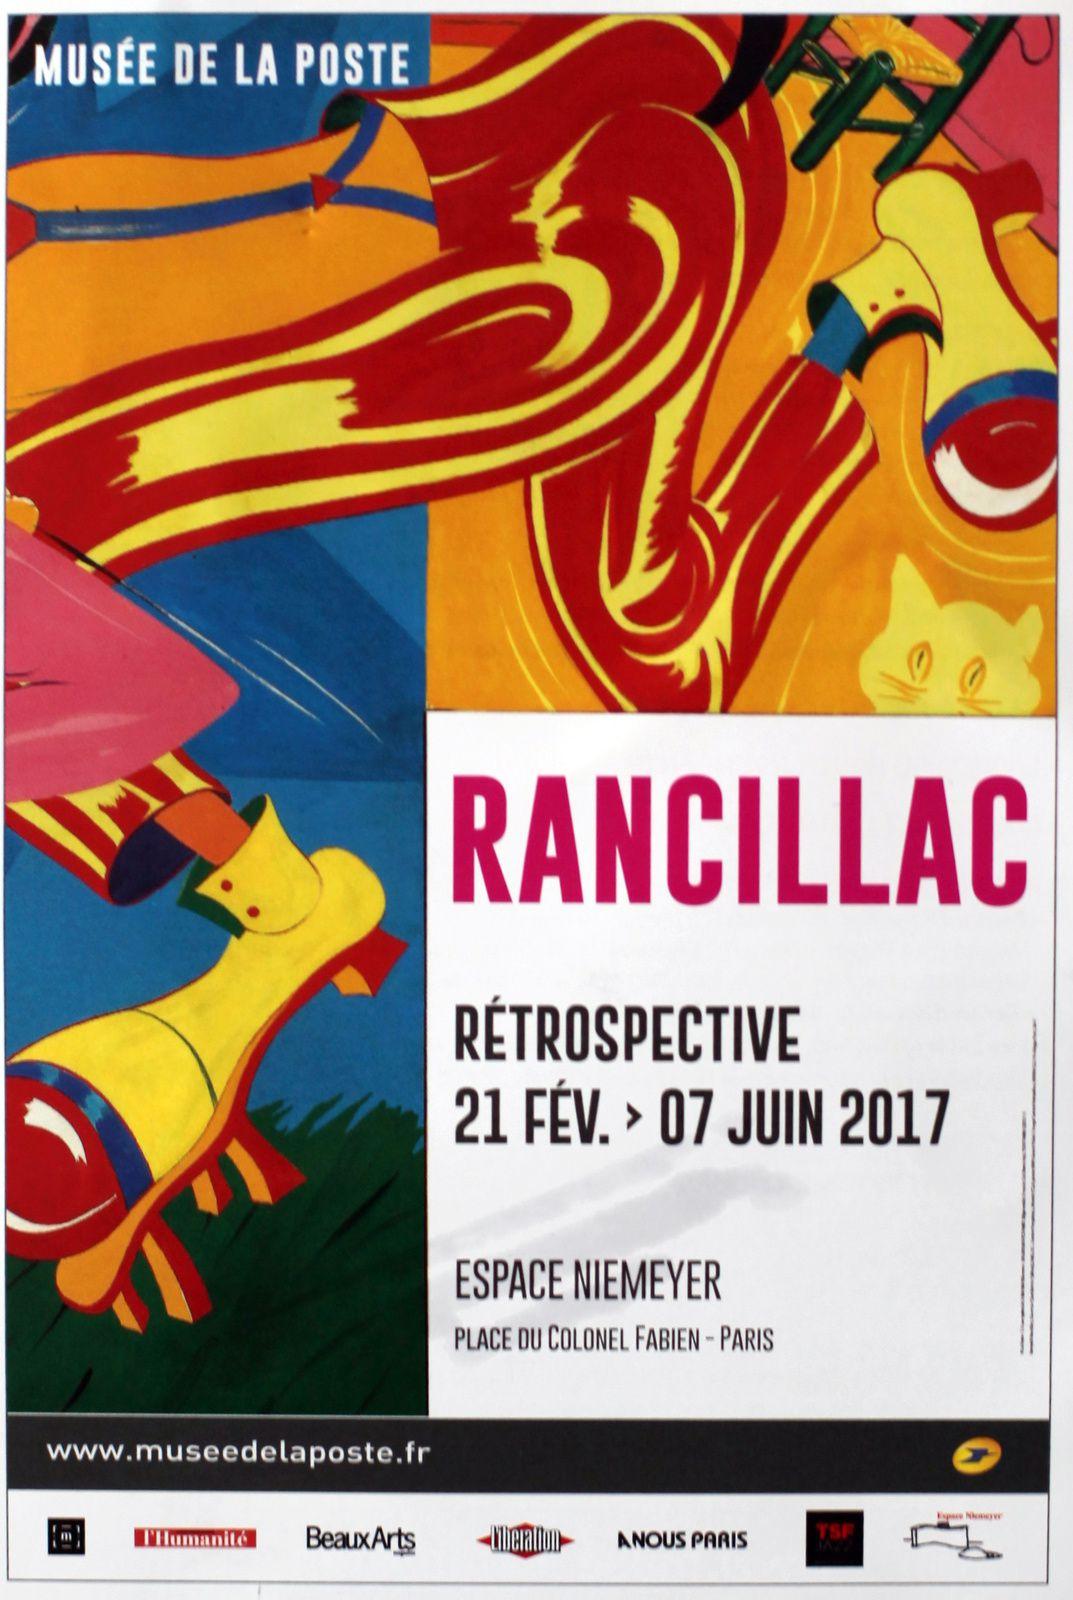 Expo Rétrospective Contemporaine: RANCILLAC